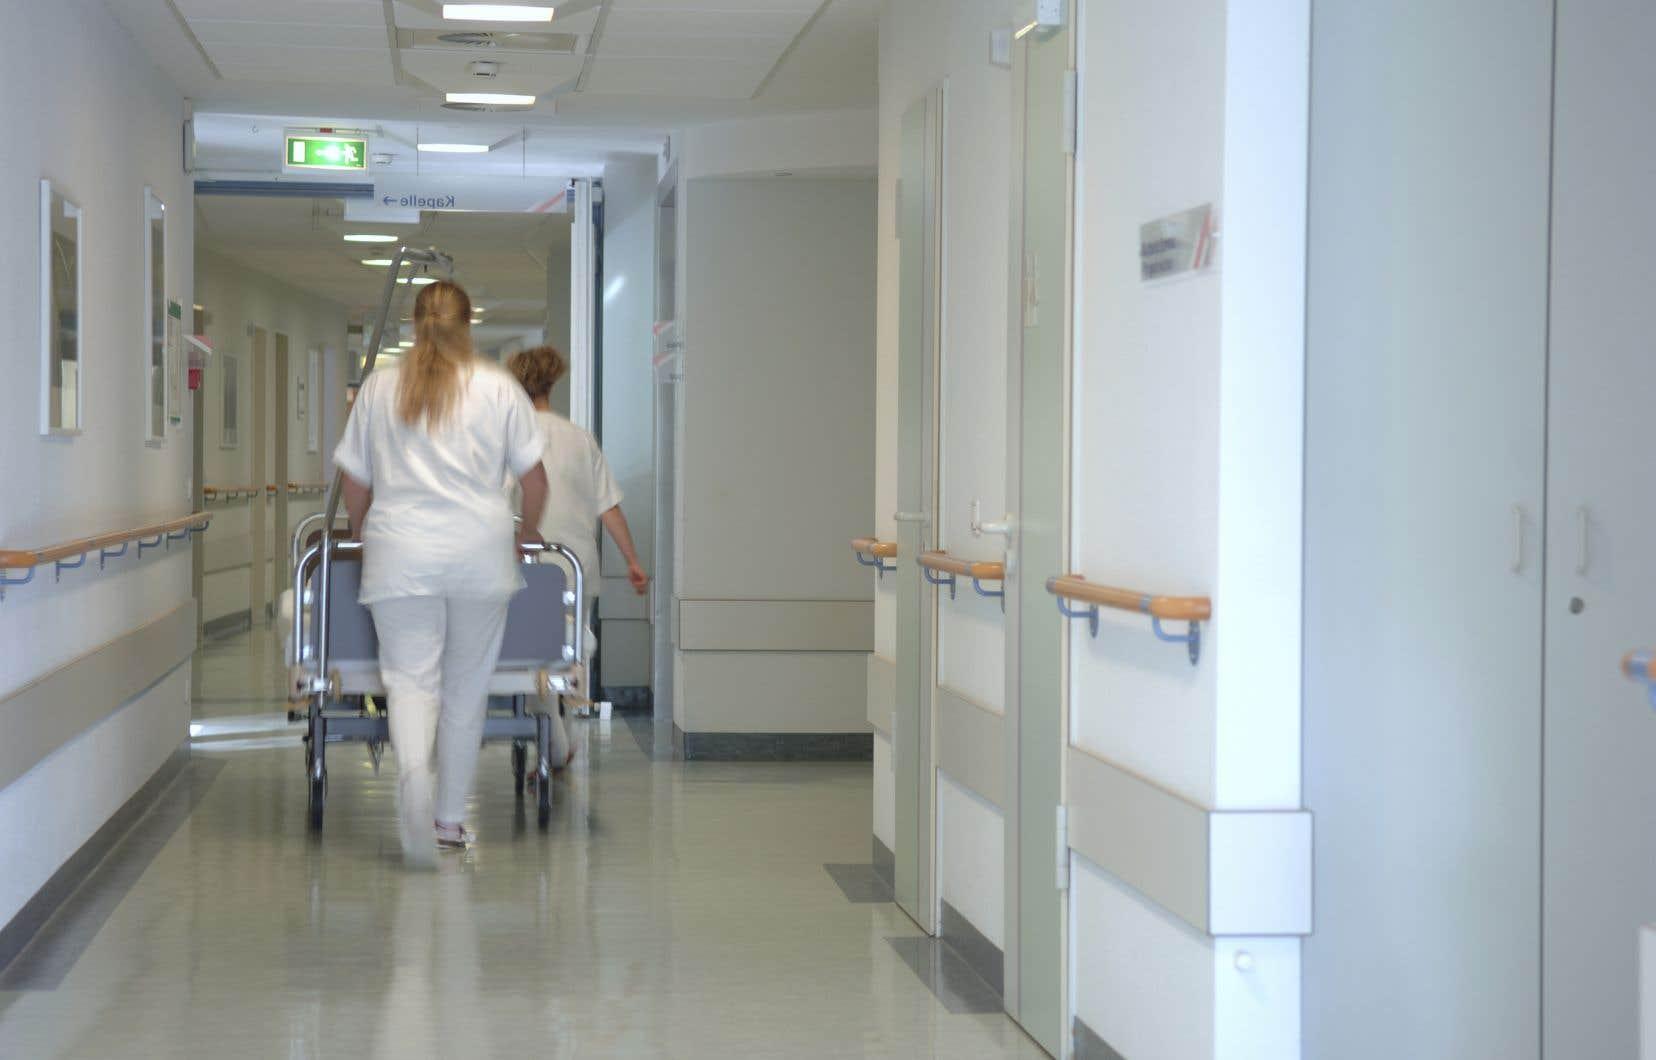 <p>«Les ratios infirmière-patients et la valorisation des postes à temps complet ont réduit inévitablement le bassin d'infirmières à temps partiel ou occasionnel», rappelle l'auteur.</p>